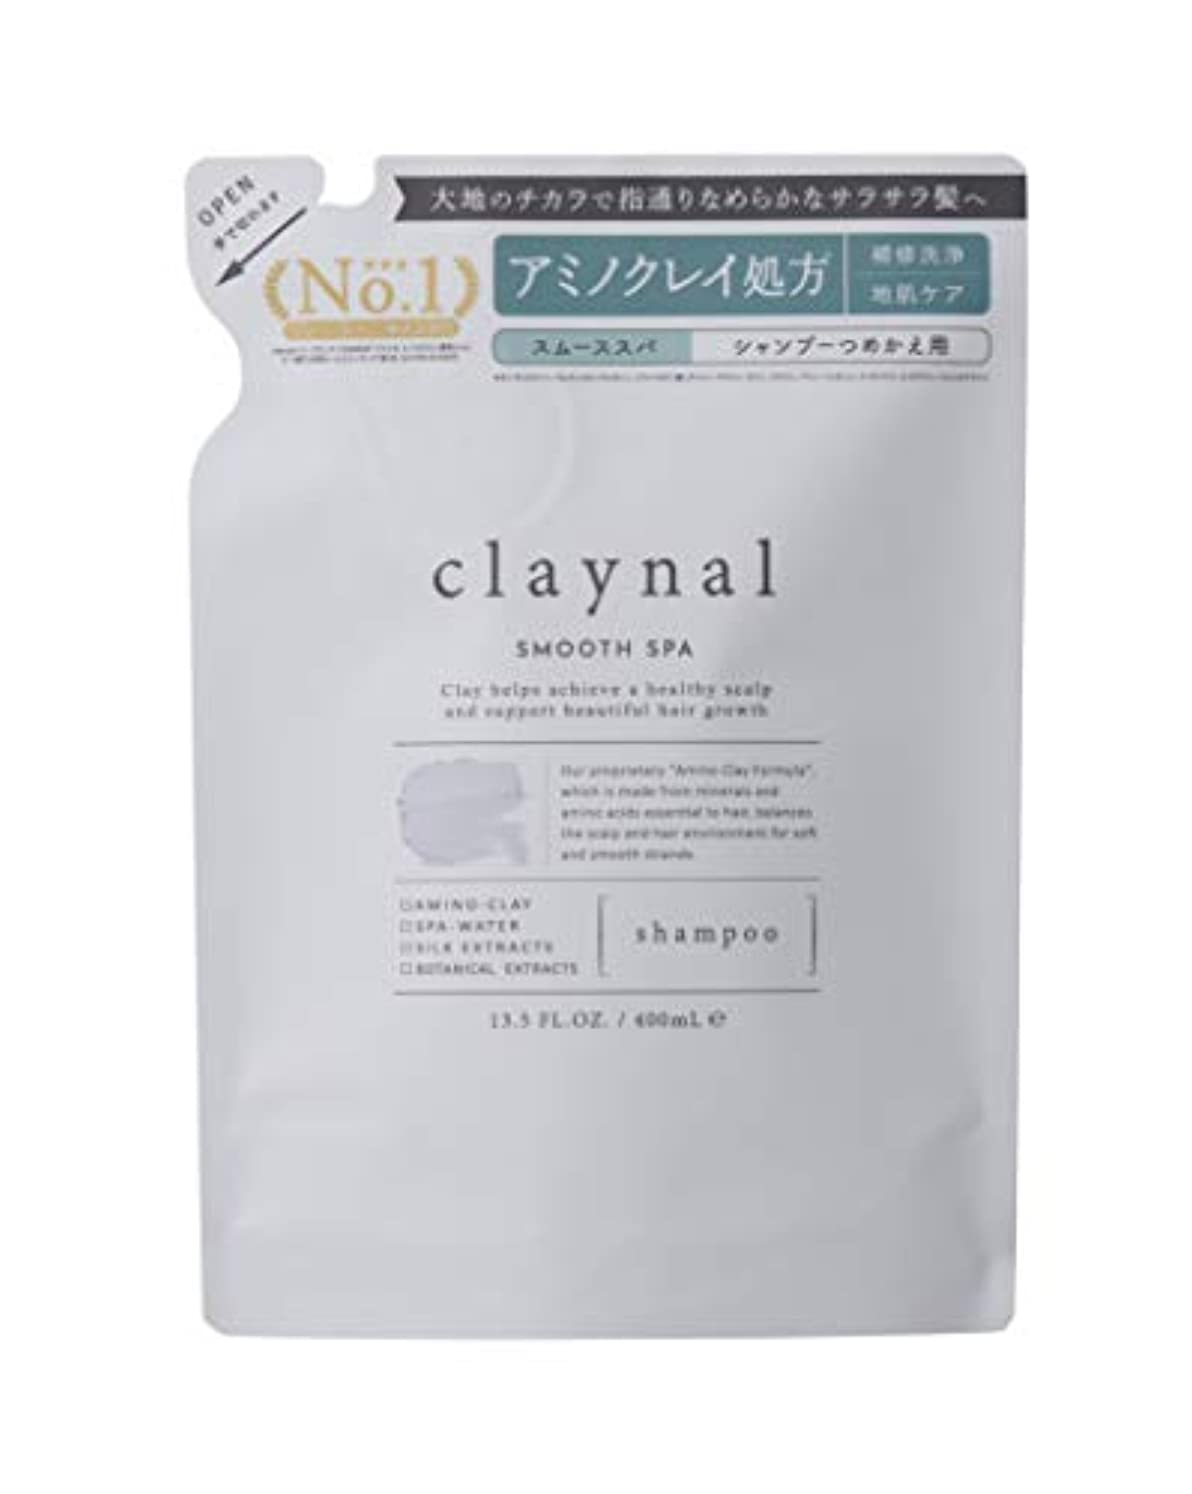 感覚歩く君主claynal(クレイナル) クレイナル スムーススパシャンプー(詰替え) 400mL